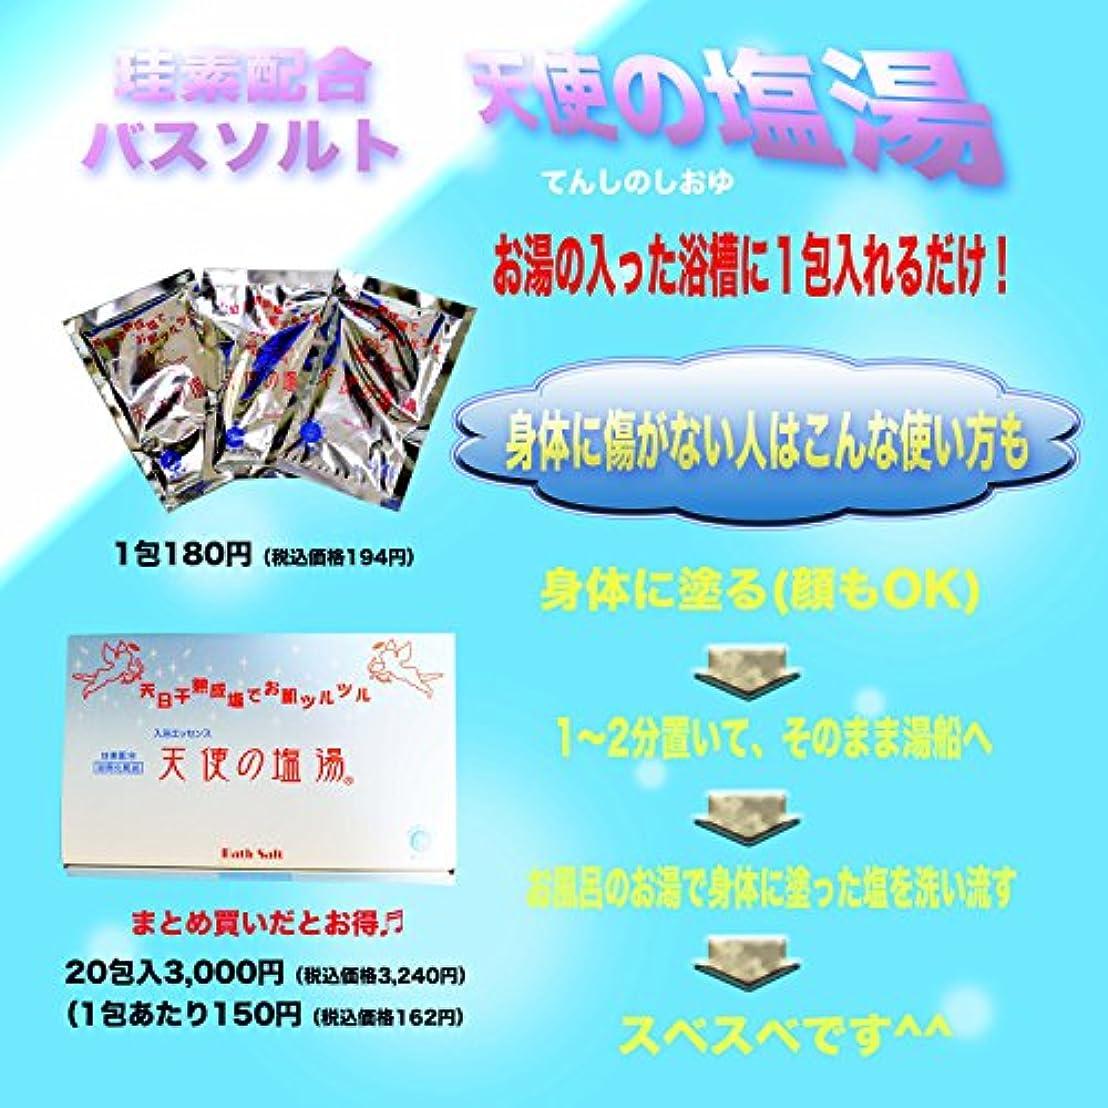 論争的ファシズムオーブン入浴エッセンス 天使の塩湯(70g×20袋入) 日本珪素医科学学会 承認品